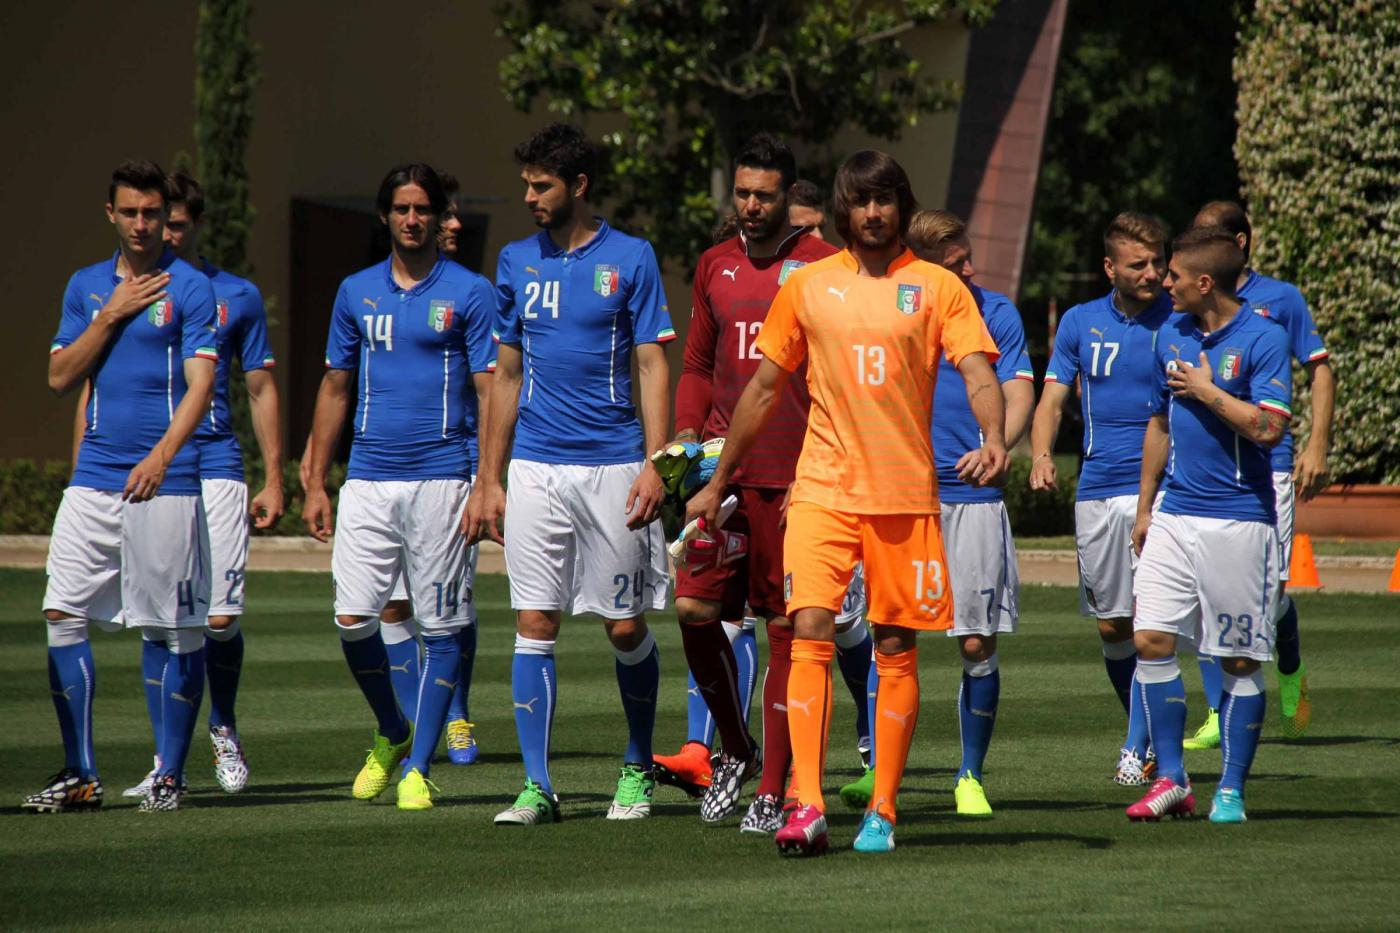 Nazionale Italia di calcio Mondiali 2014